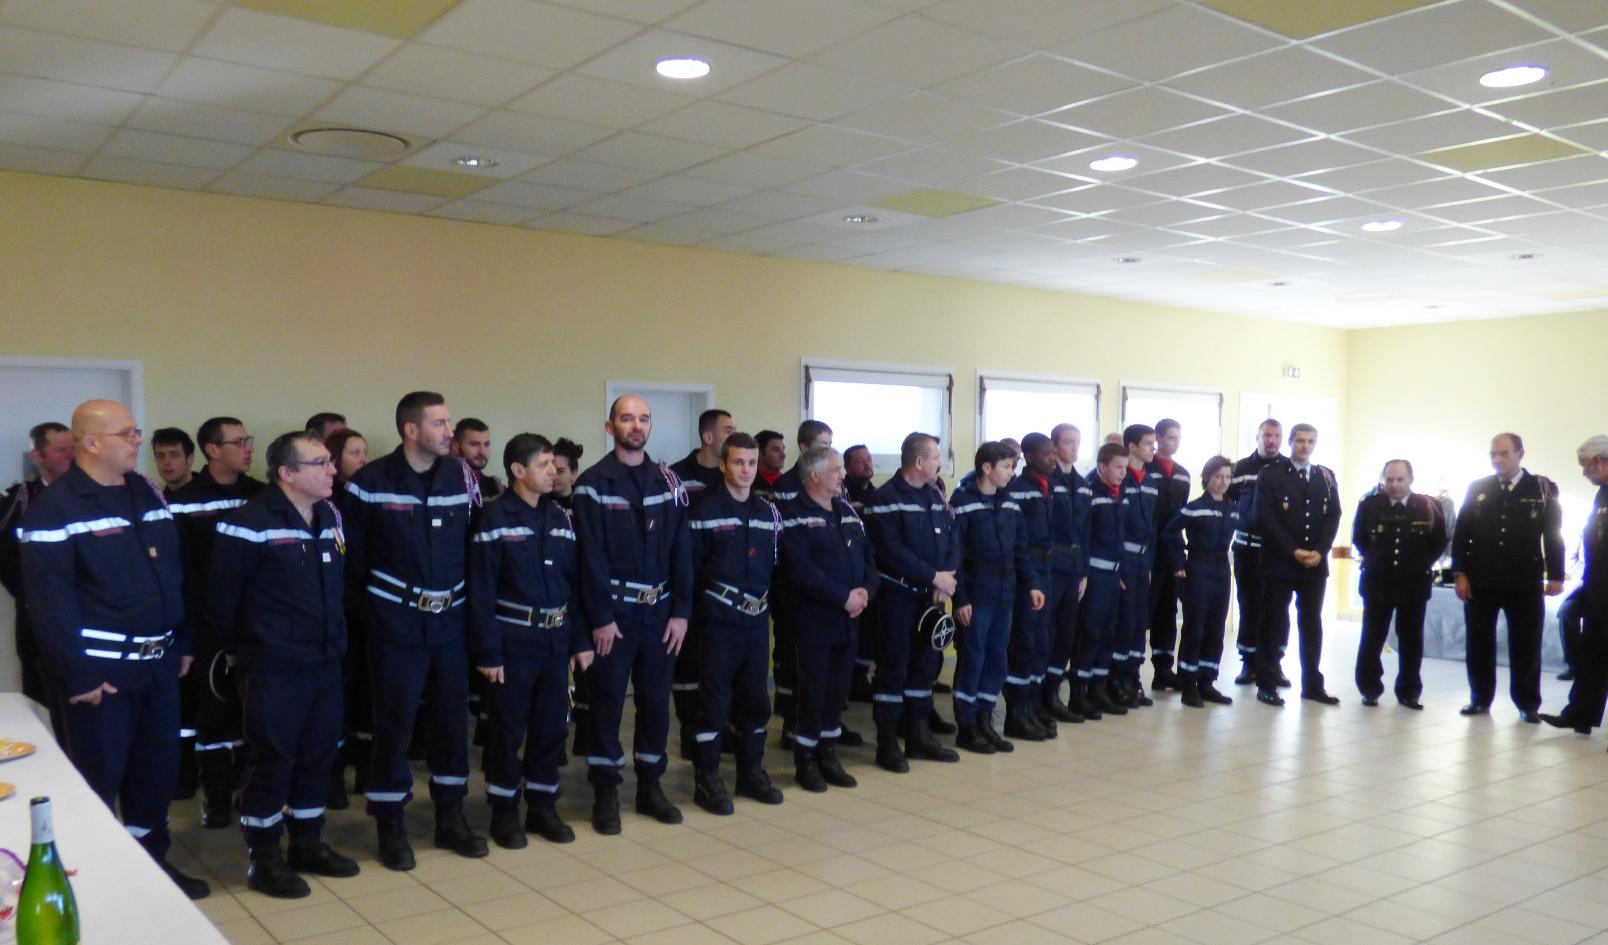 pompiers-ste-barbe-secteur-psv-27-novembre-2016-2